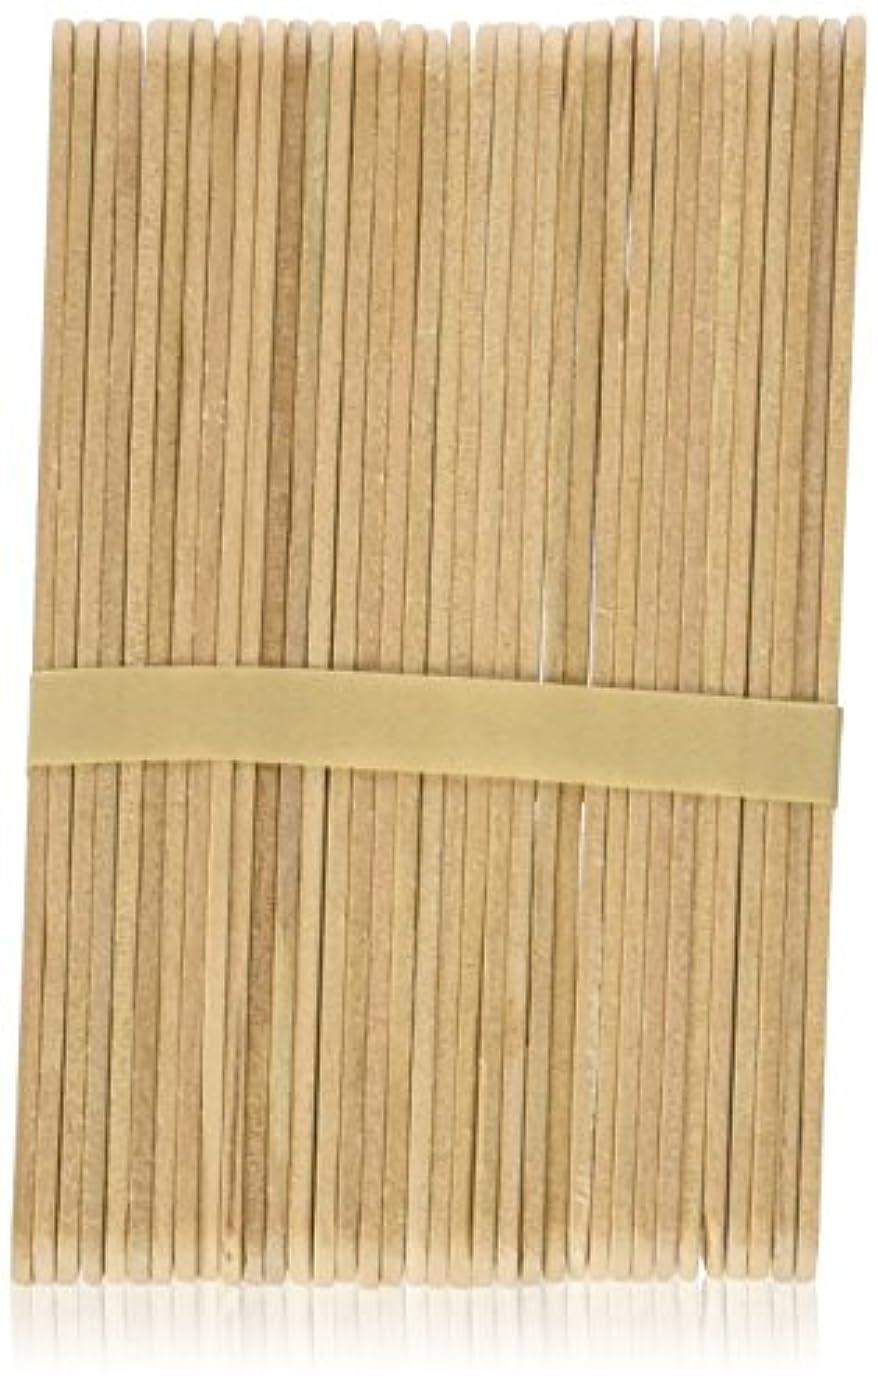 フォーカスアリーナ知り合いGiGi Small Wax Applicators for Hair Waxing / Hair Removal, 100 pk by GiGi